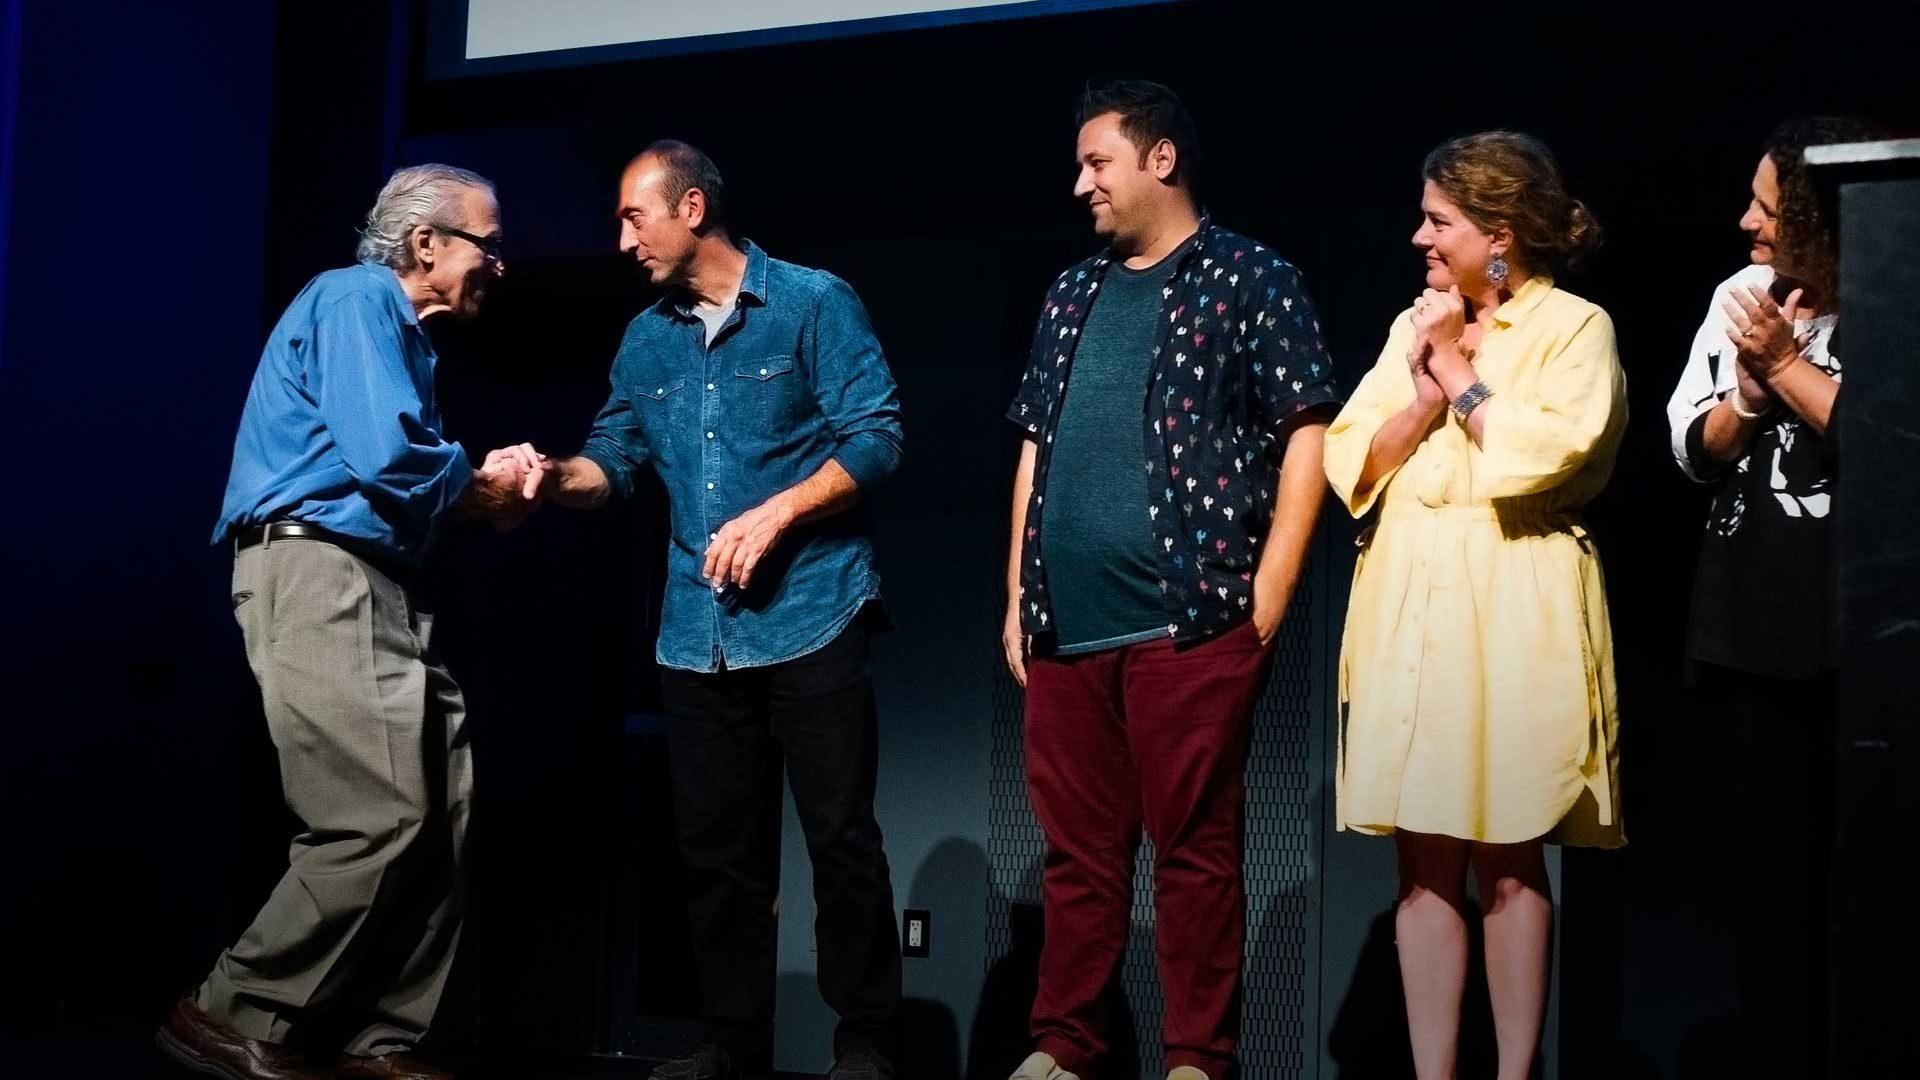 Mark Shapiro accepting award at the inspiring change awards